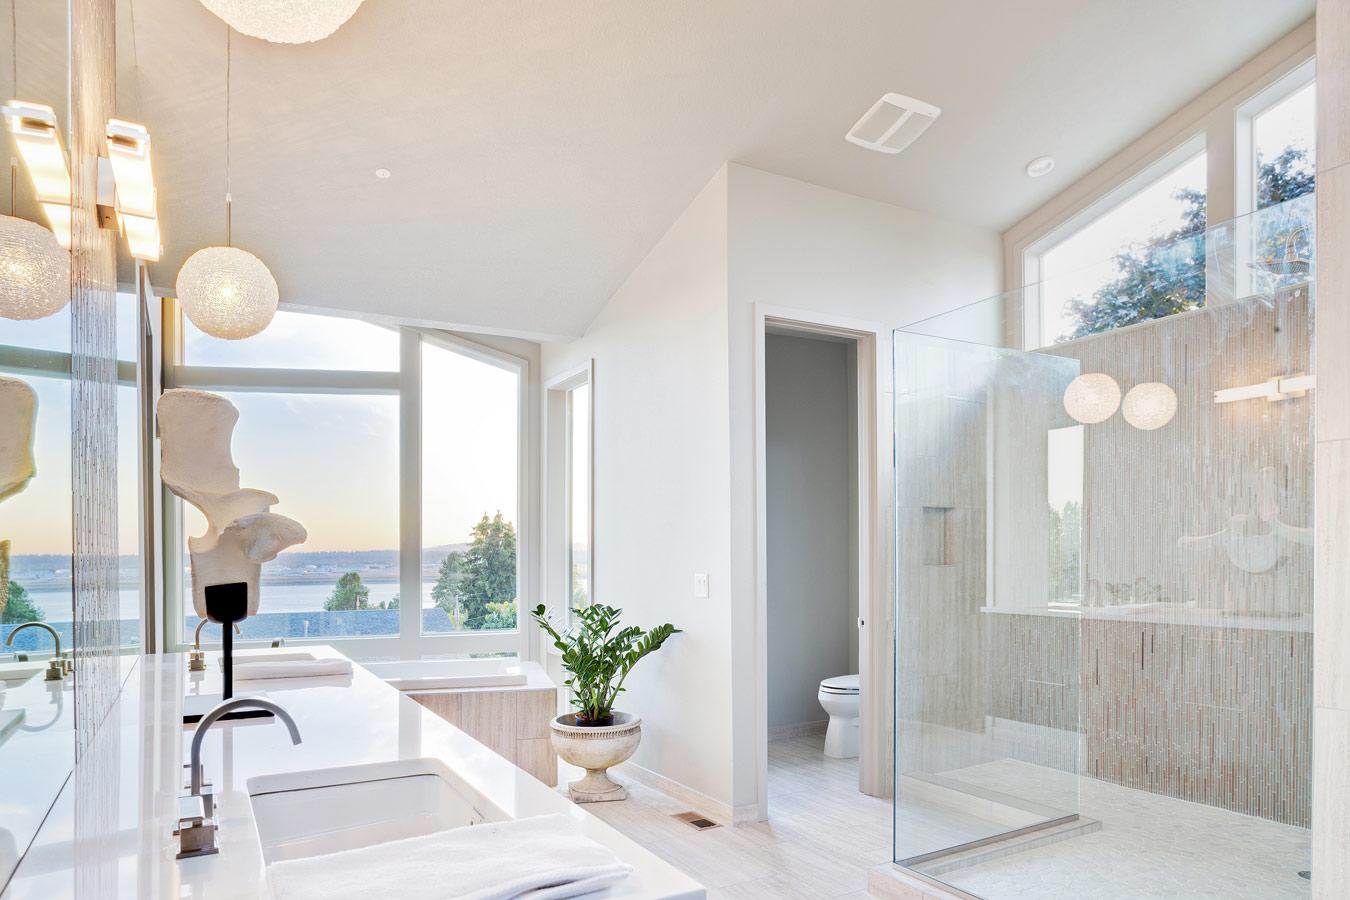 Plafond badkamer: welke plafondbekleding kiezen?